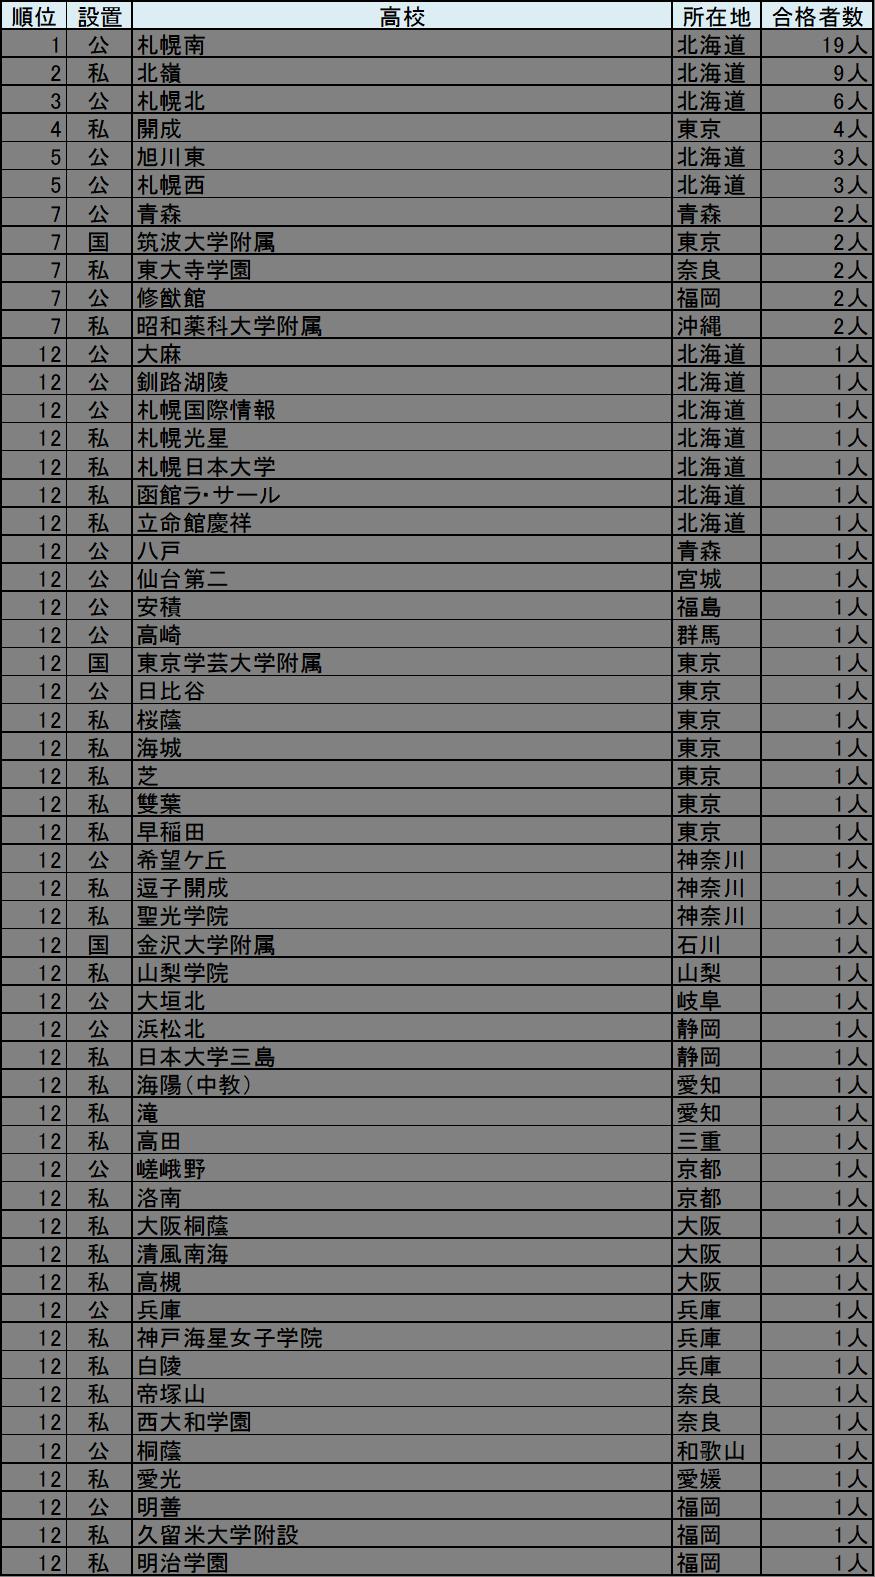 20180320_ranking_hokkaido.png